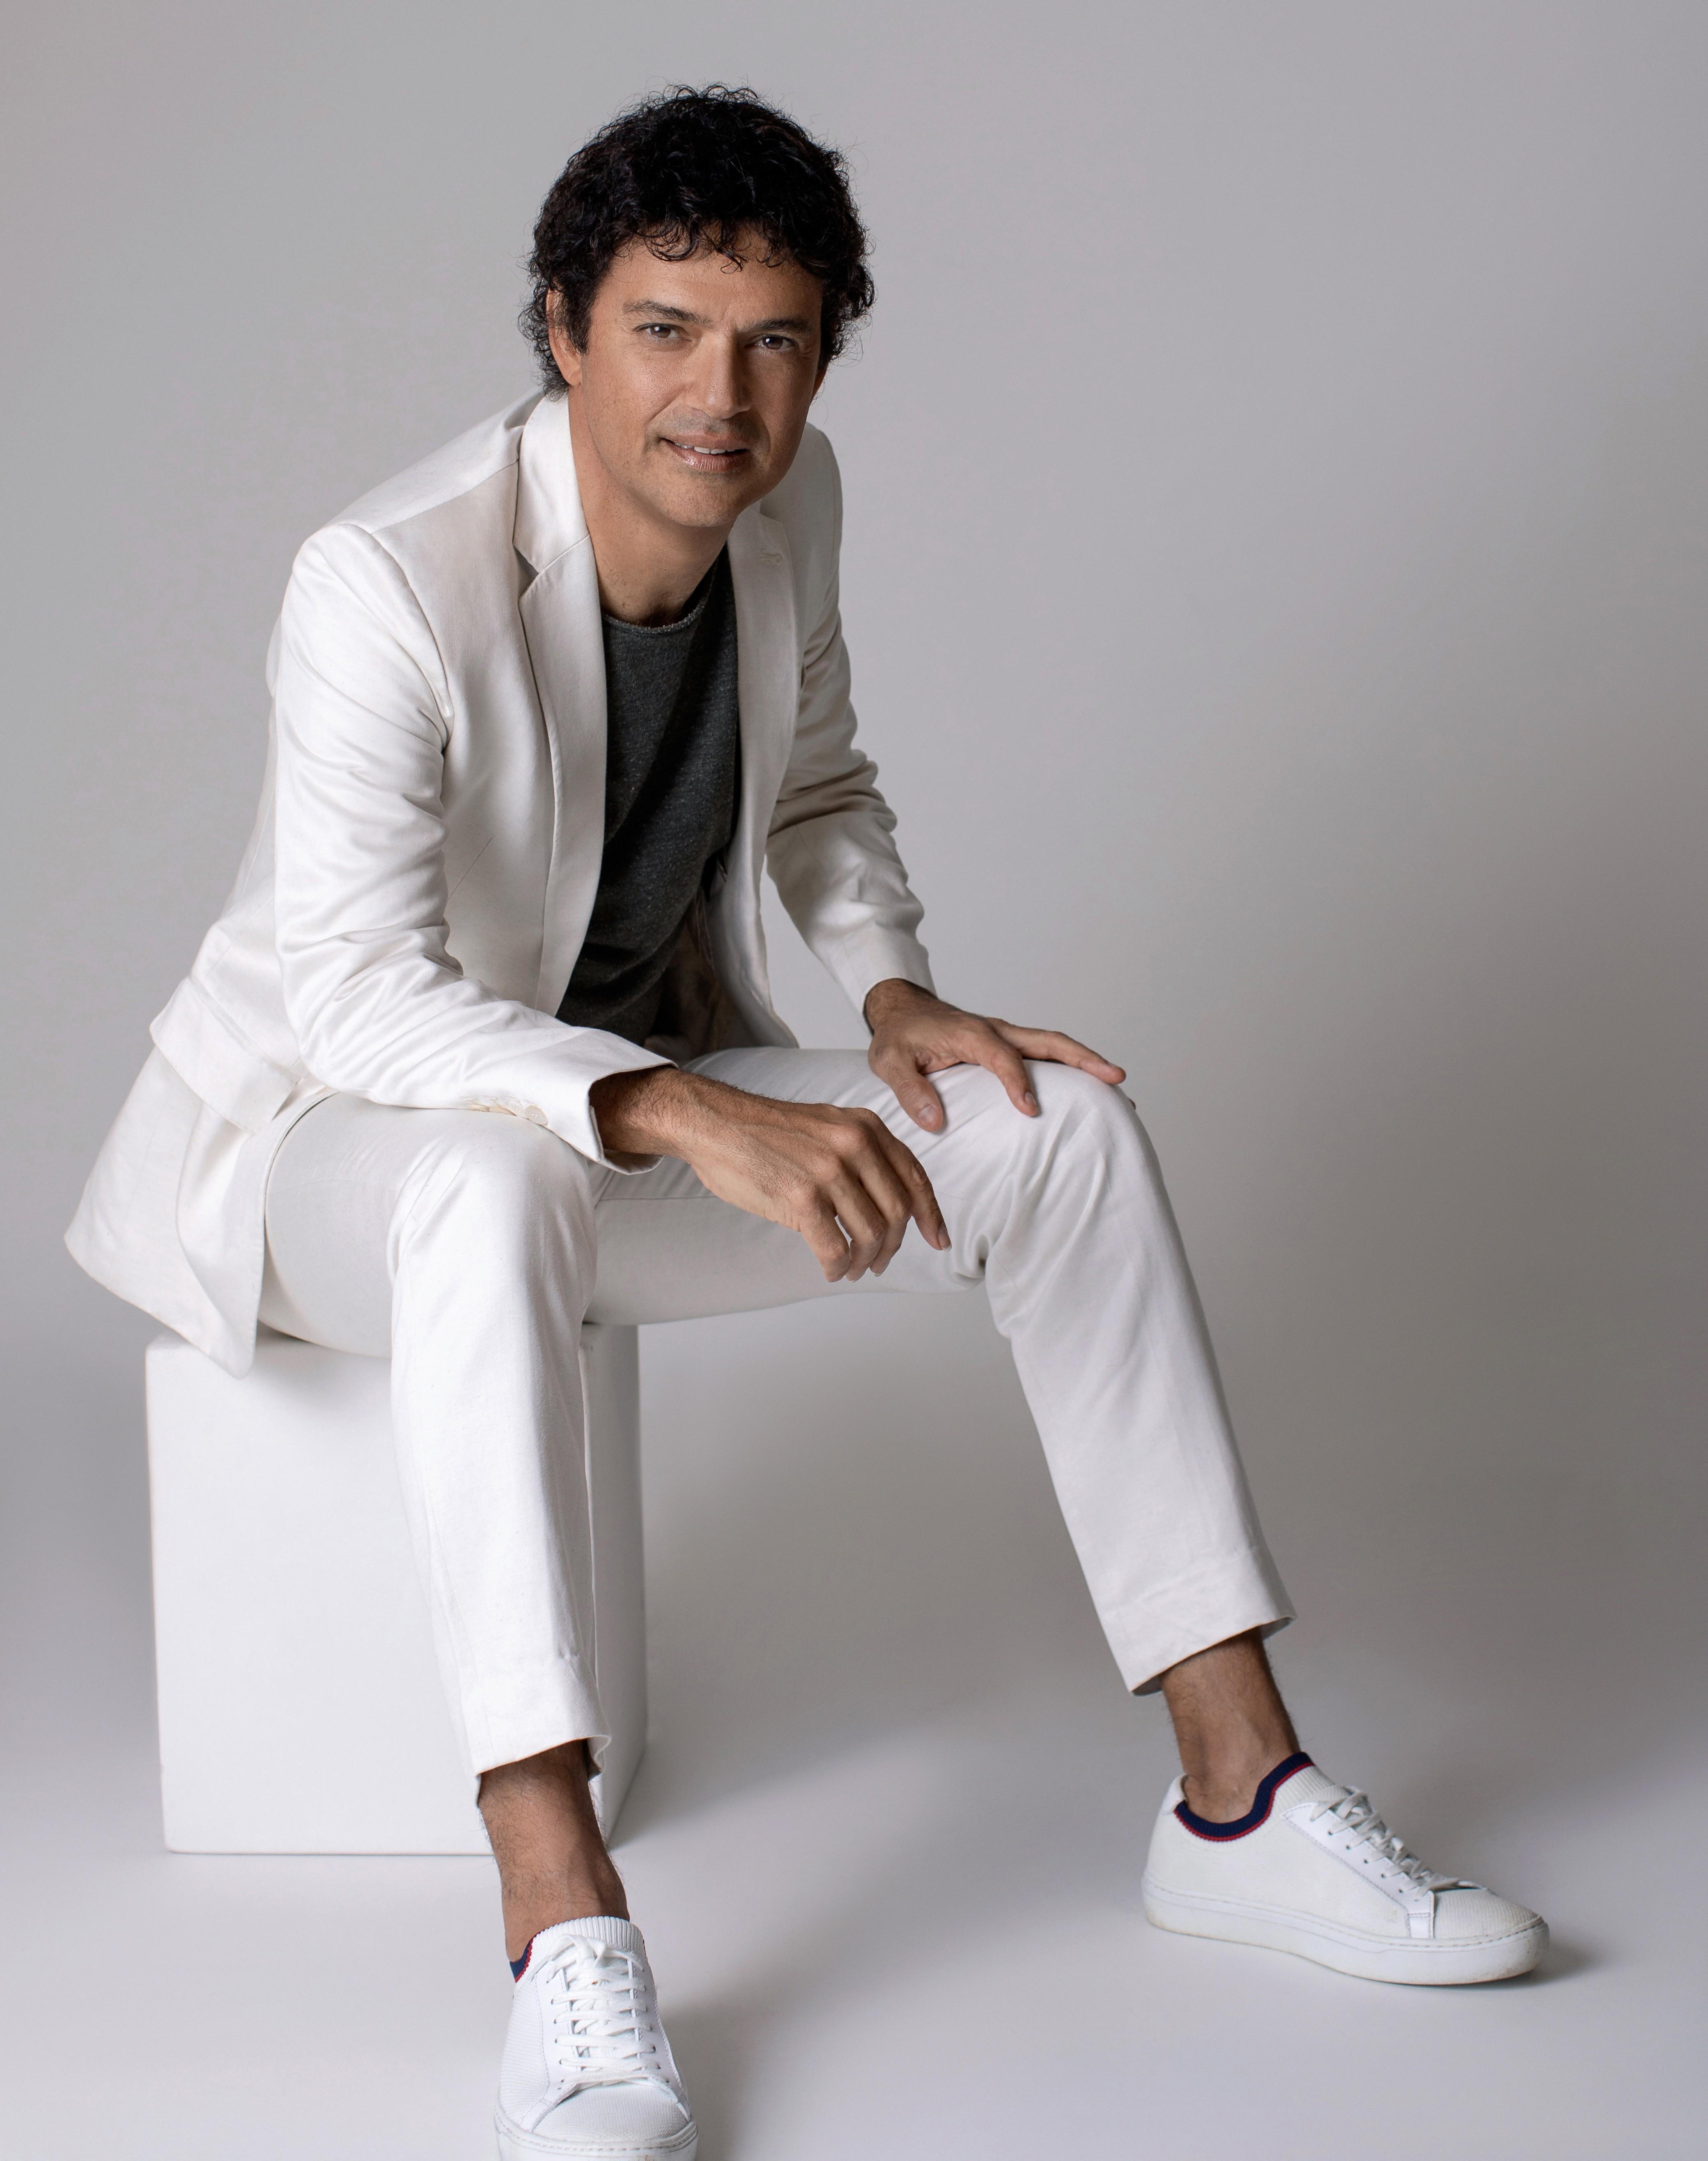 Jorge Vercillo busca elo com pop atual em 'Raça menina', álbum com mix de funk, R&B e reggaeton